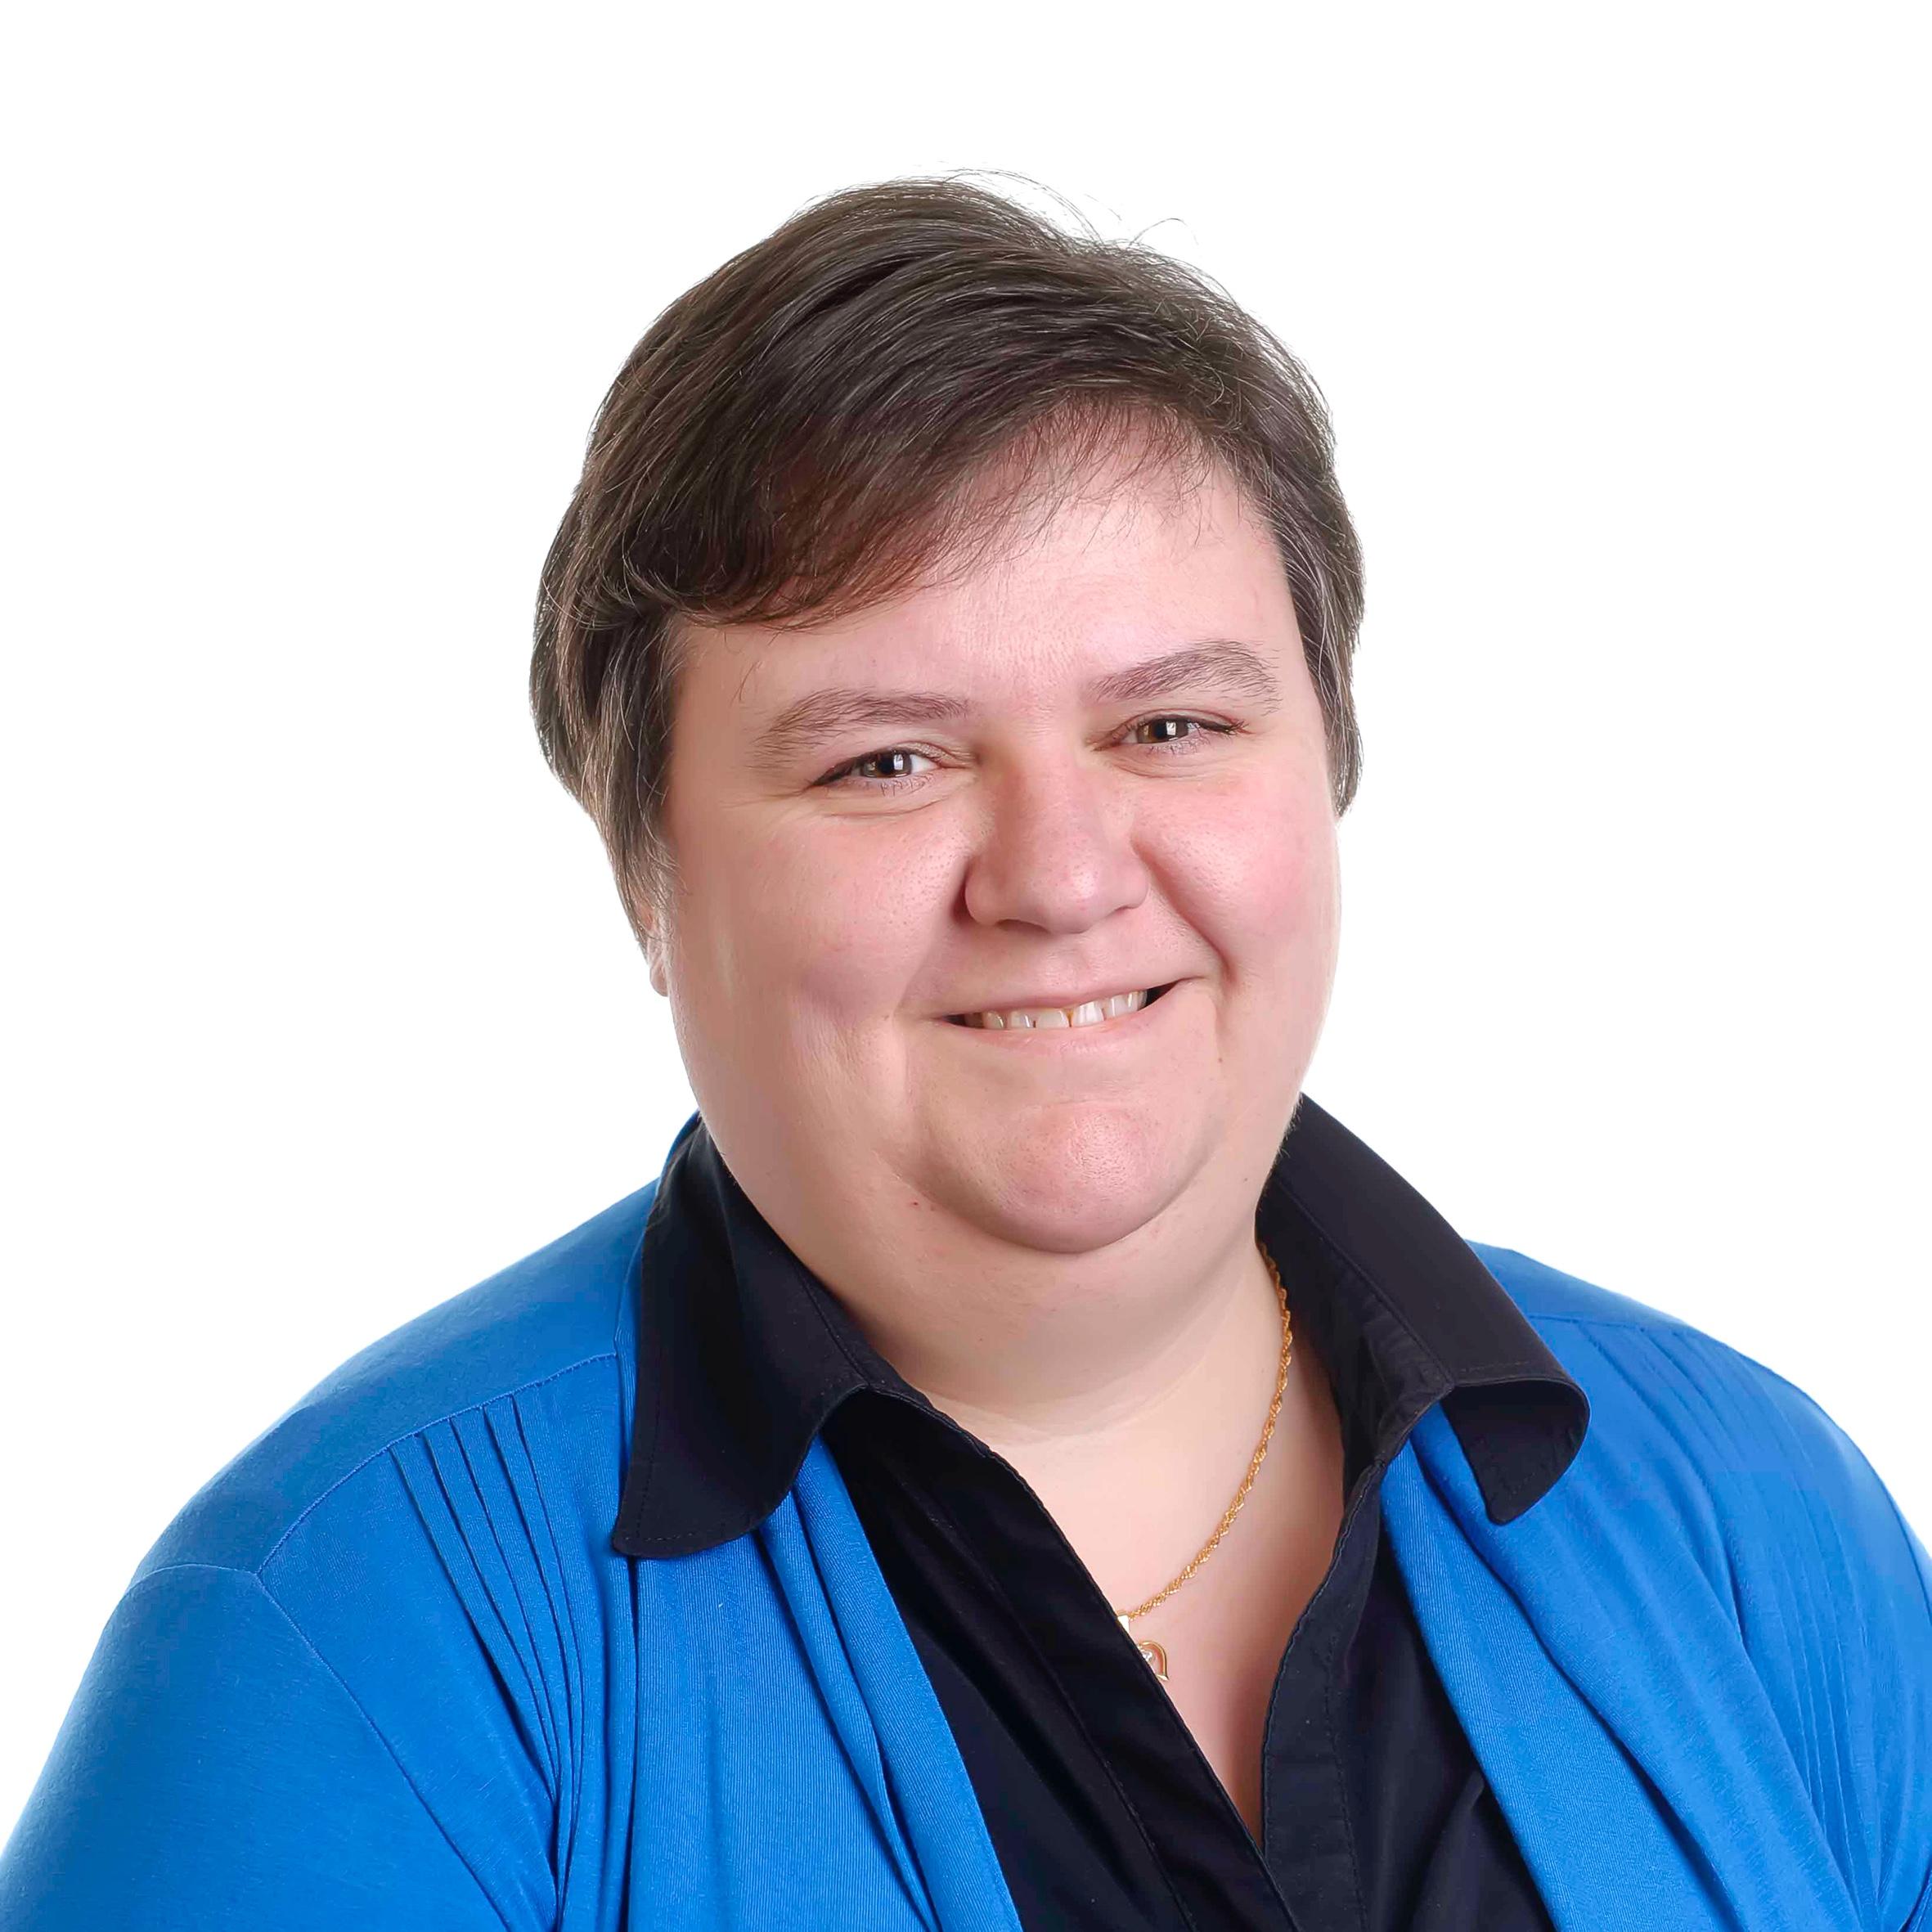 Tamara Maerevoet